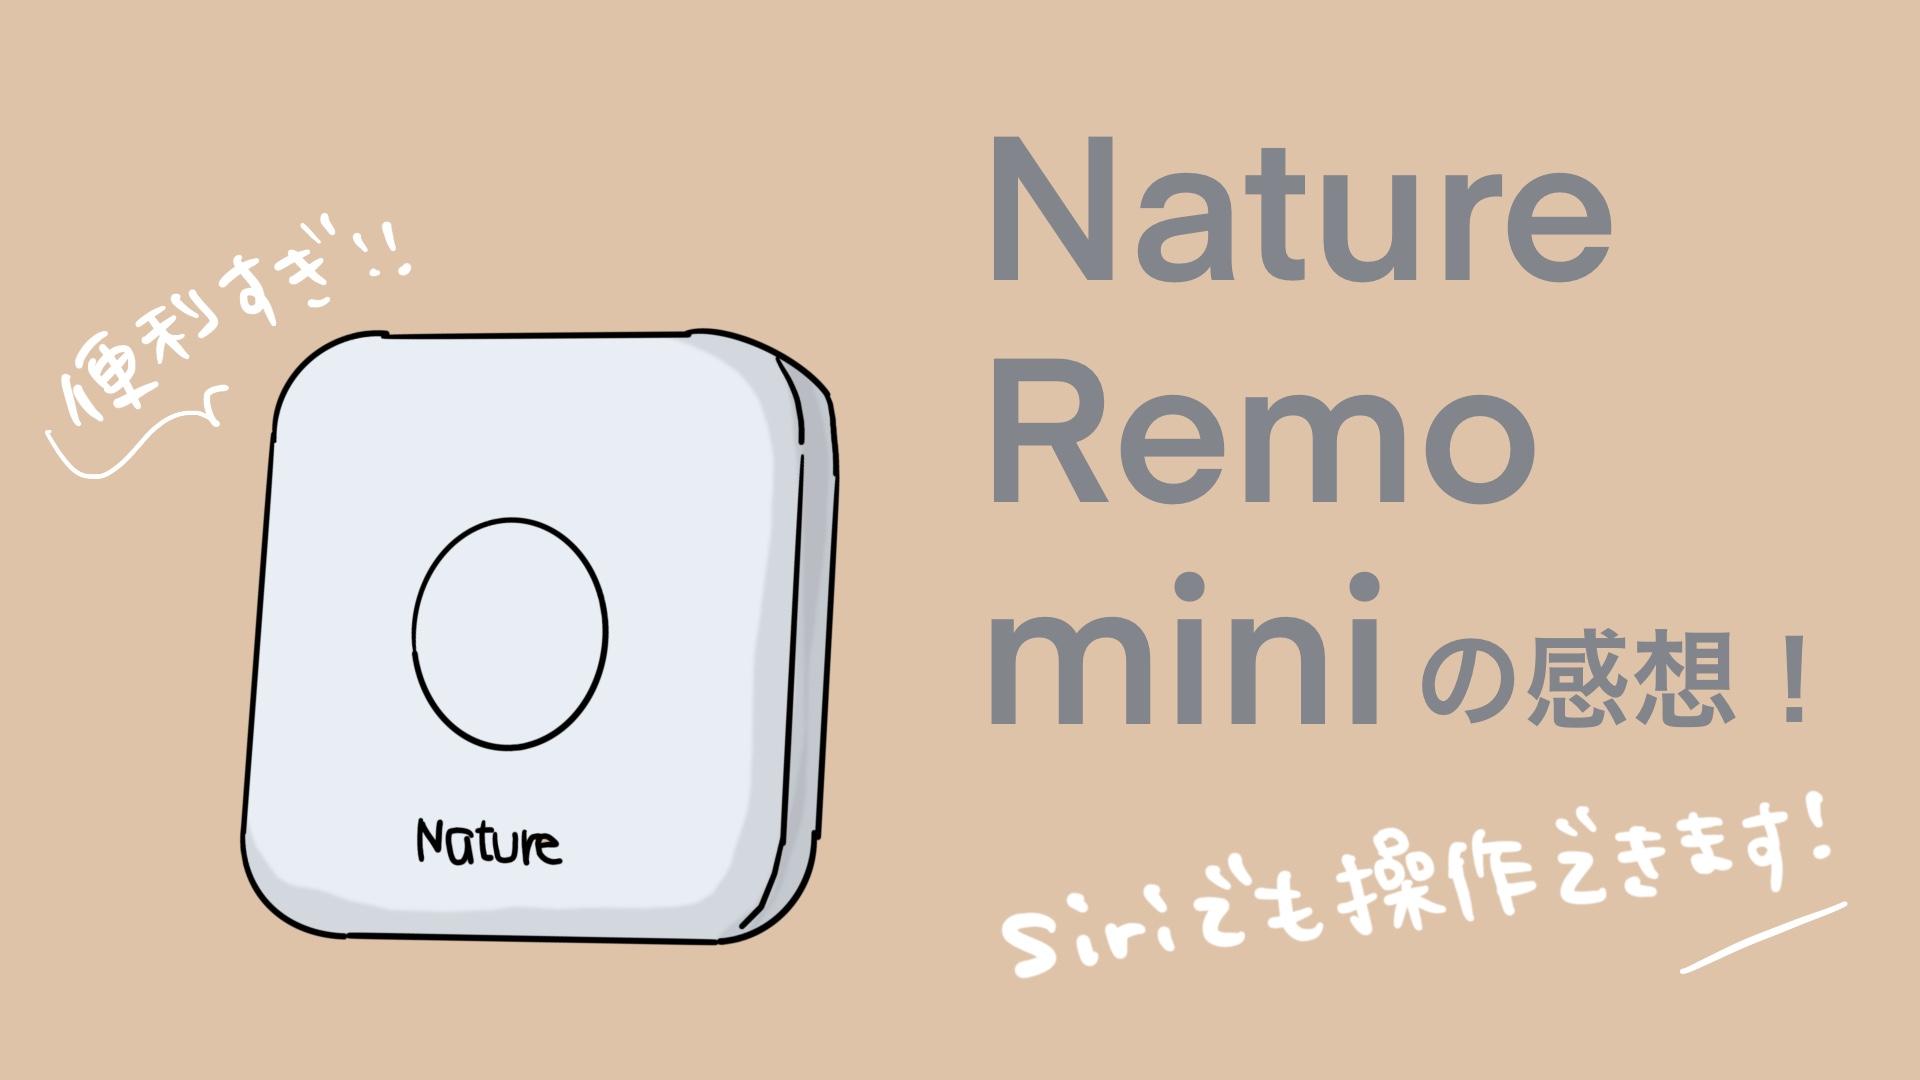 Nature Remo miniの感想!Siriでも操作可能です!